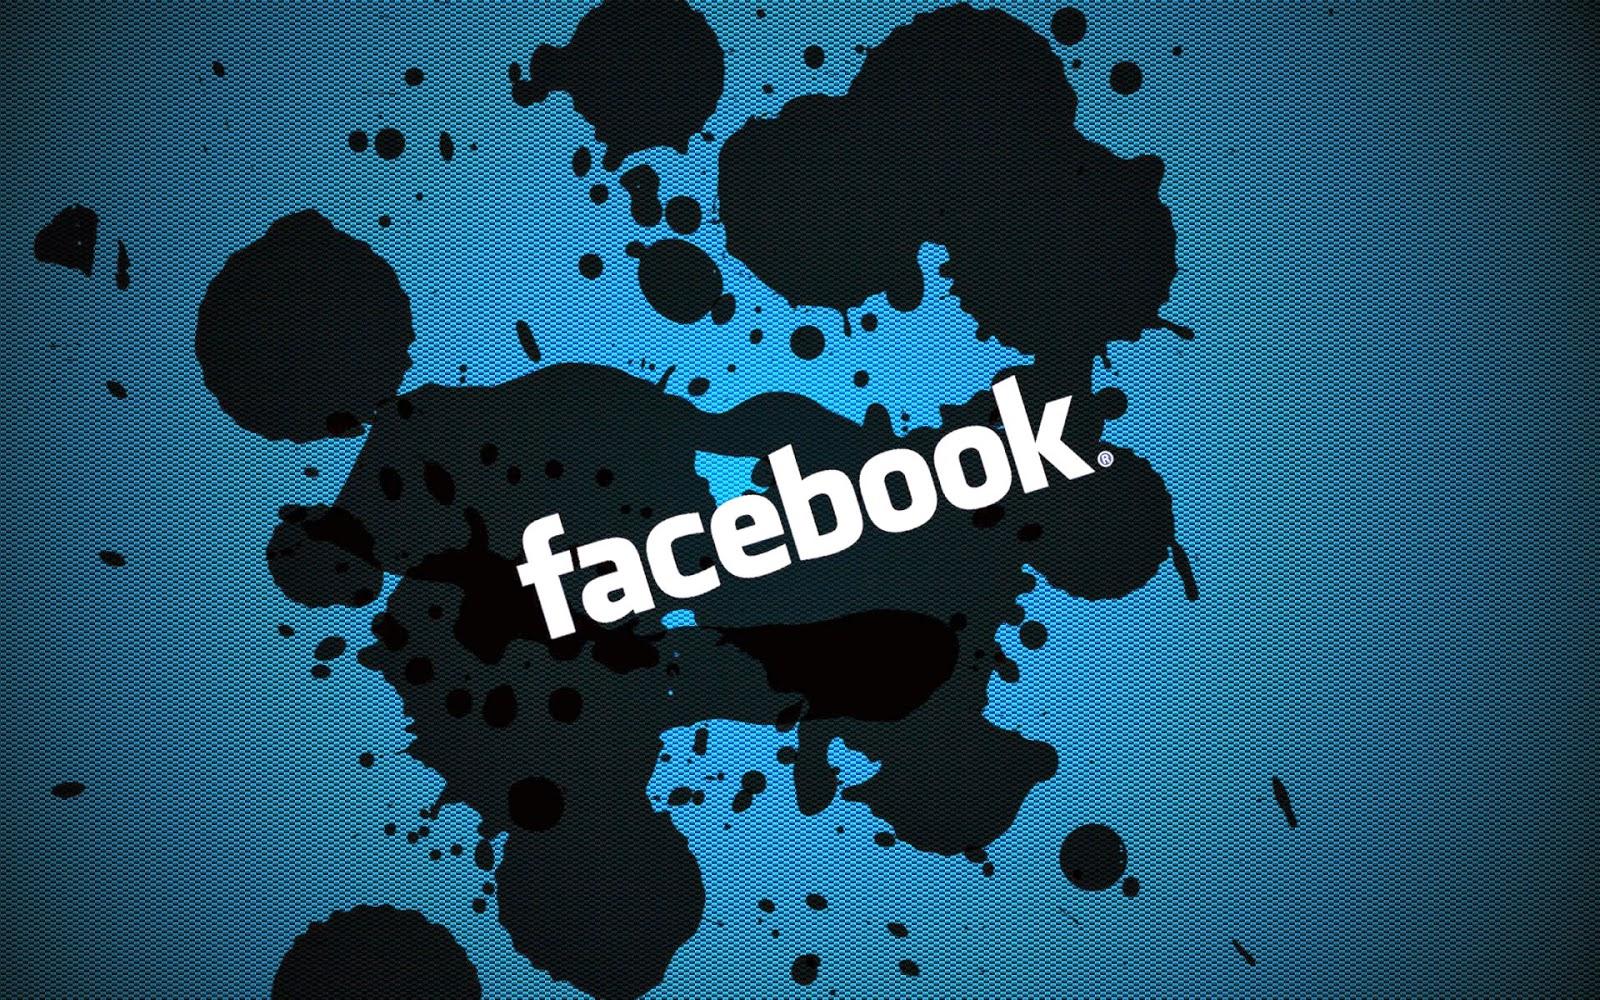 facebook hacking: